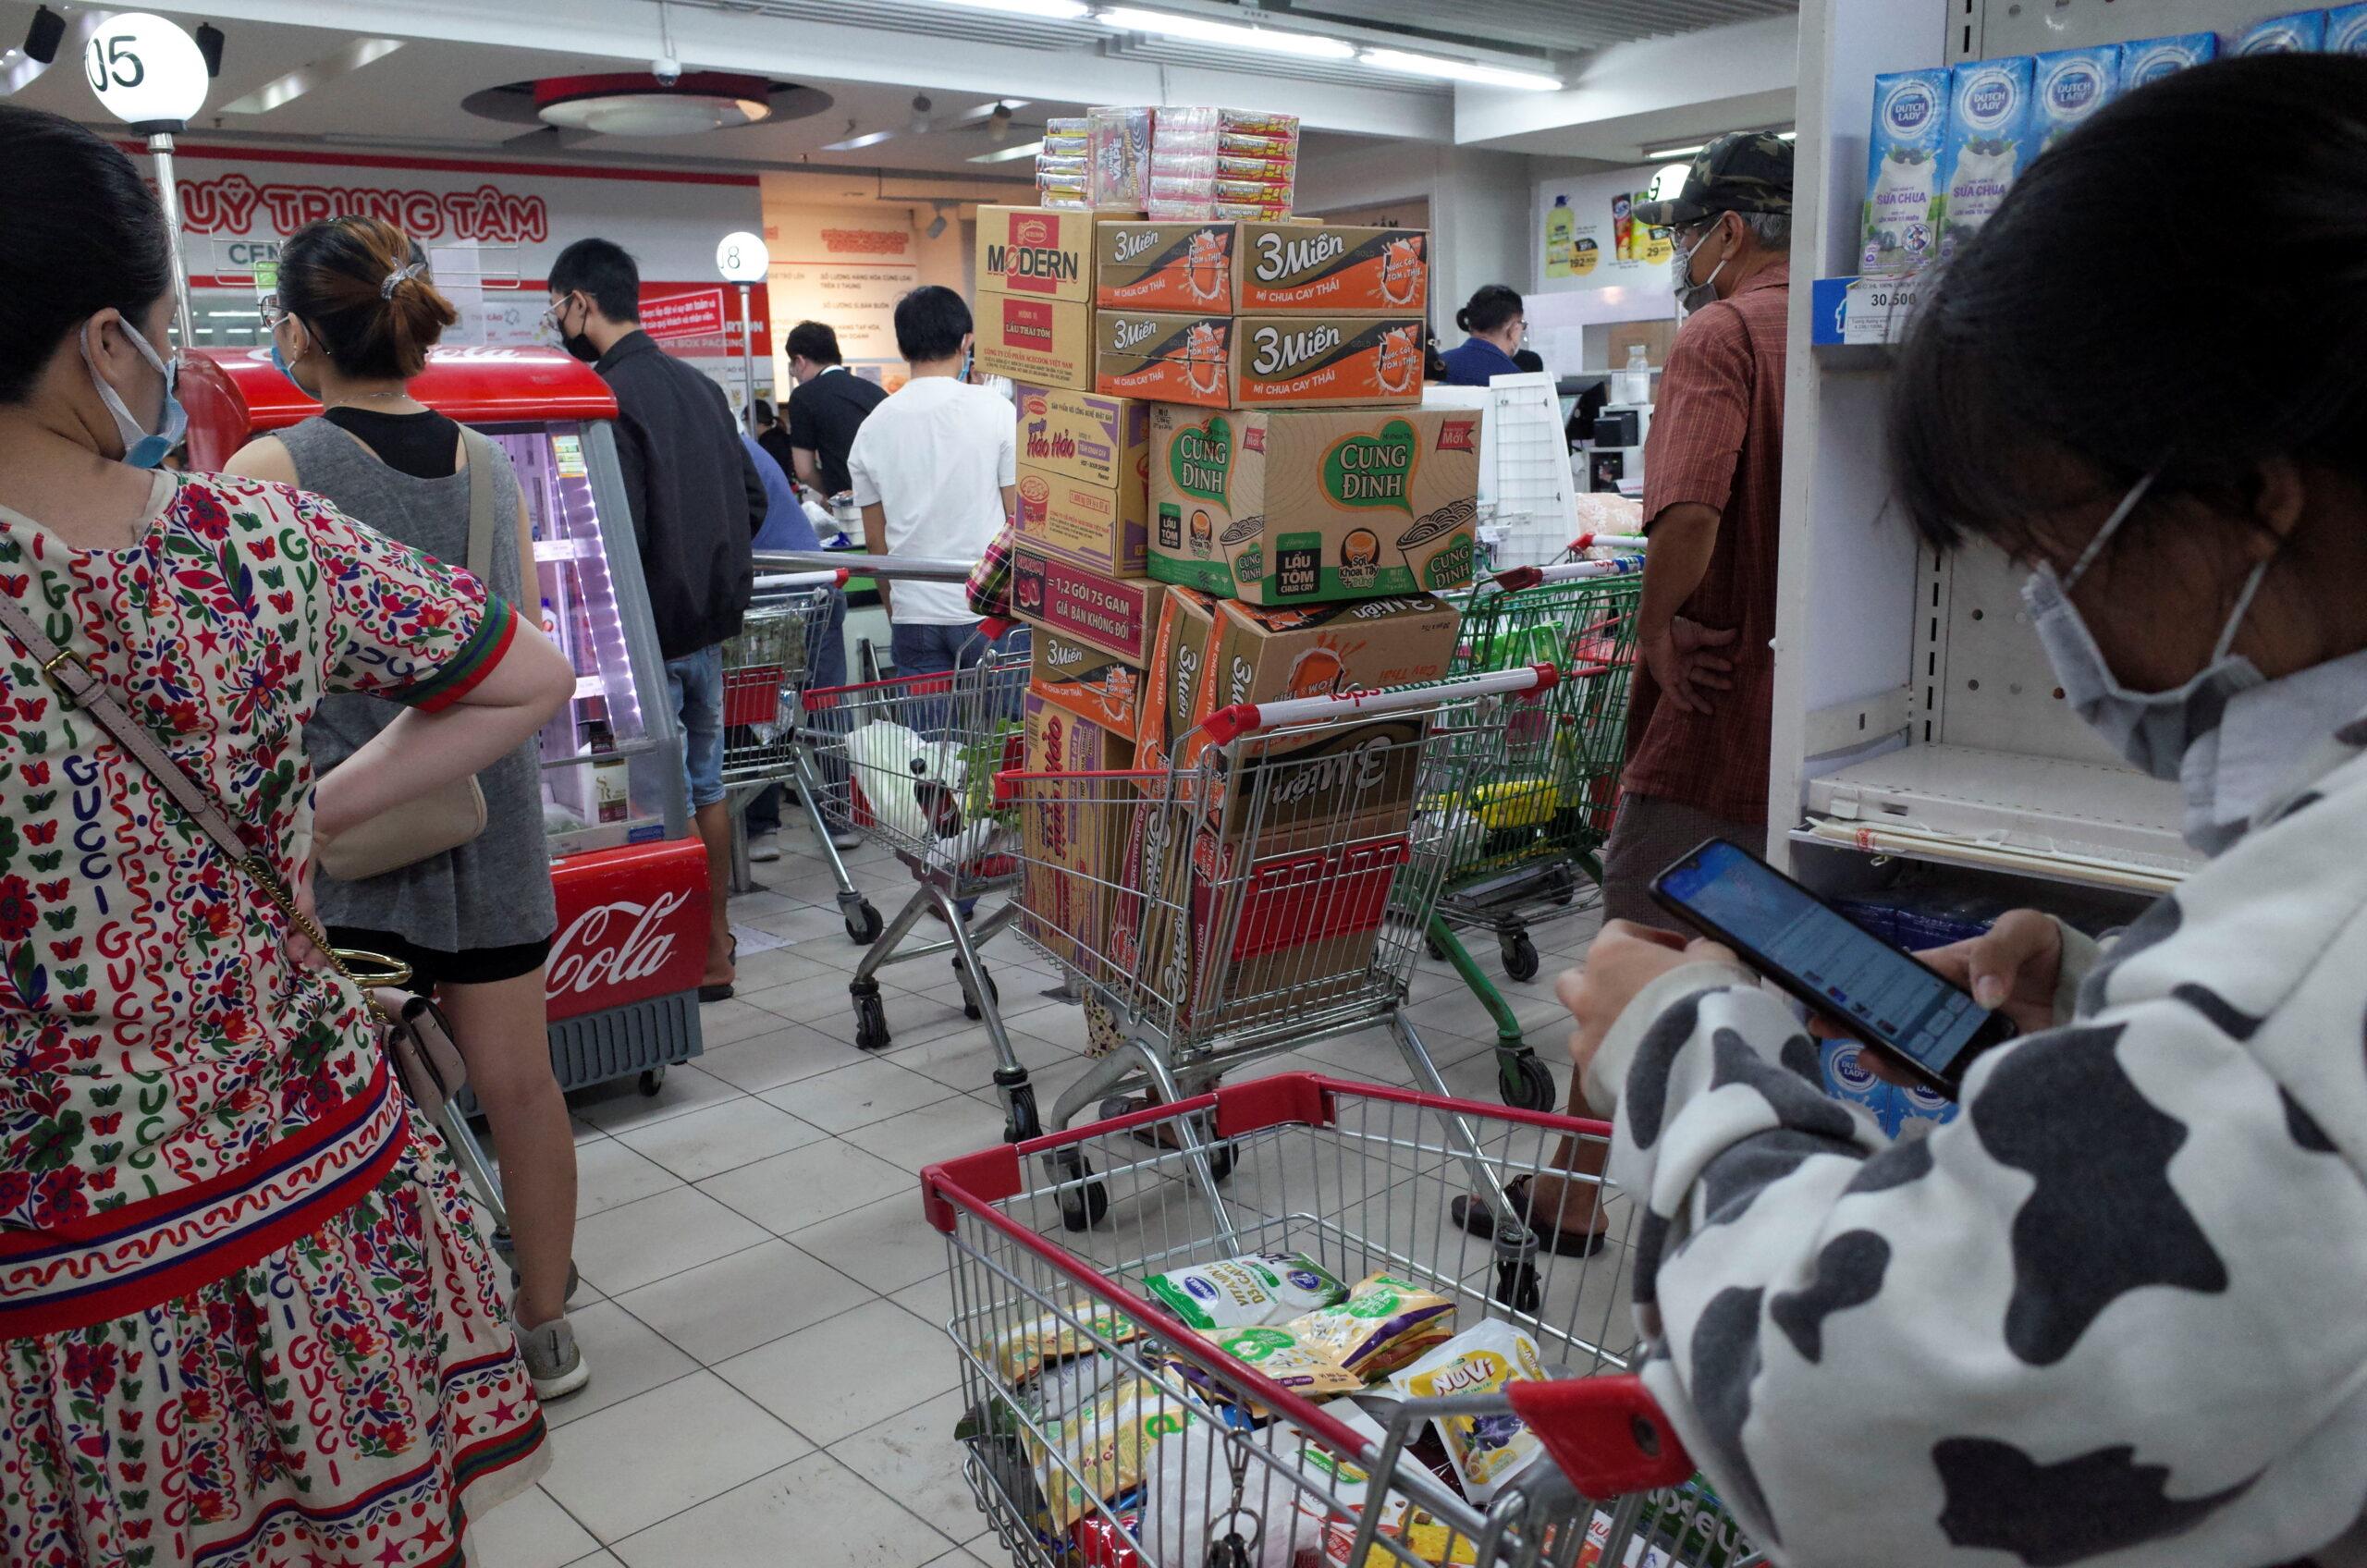 """ชาวเวียดนาม แห่กักตุนสินค้า ก่อนล็อกดาวน์ """"ห้ามออกจากบ้าน"""" – ต่างประเทศ"""